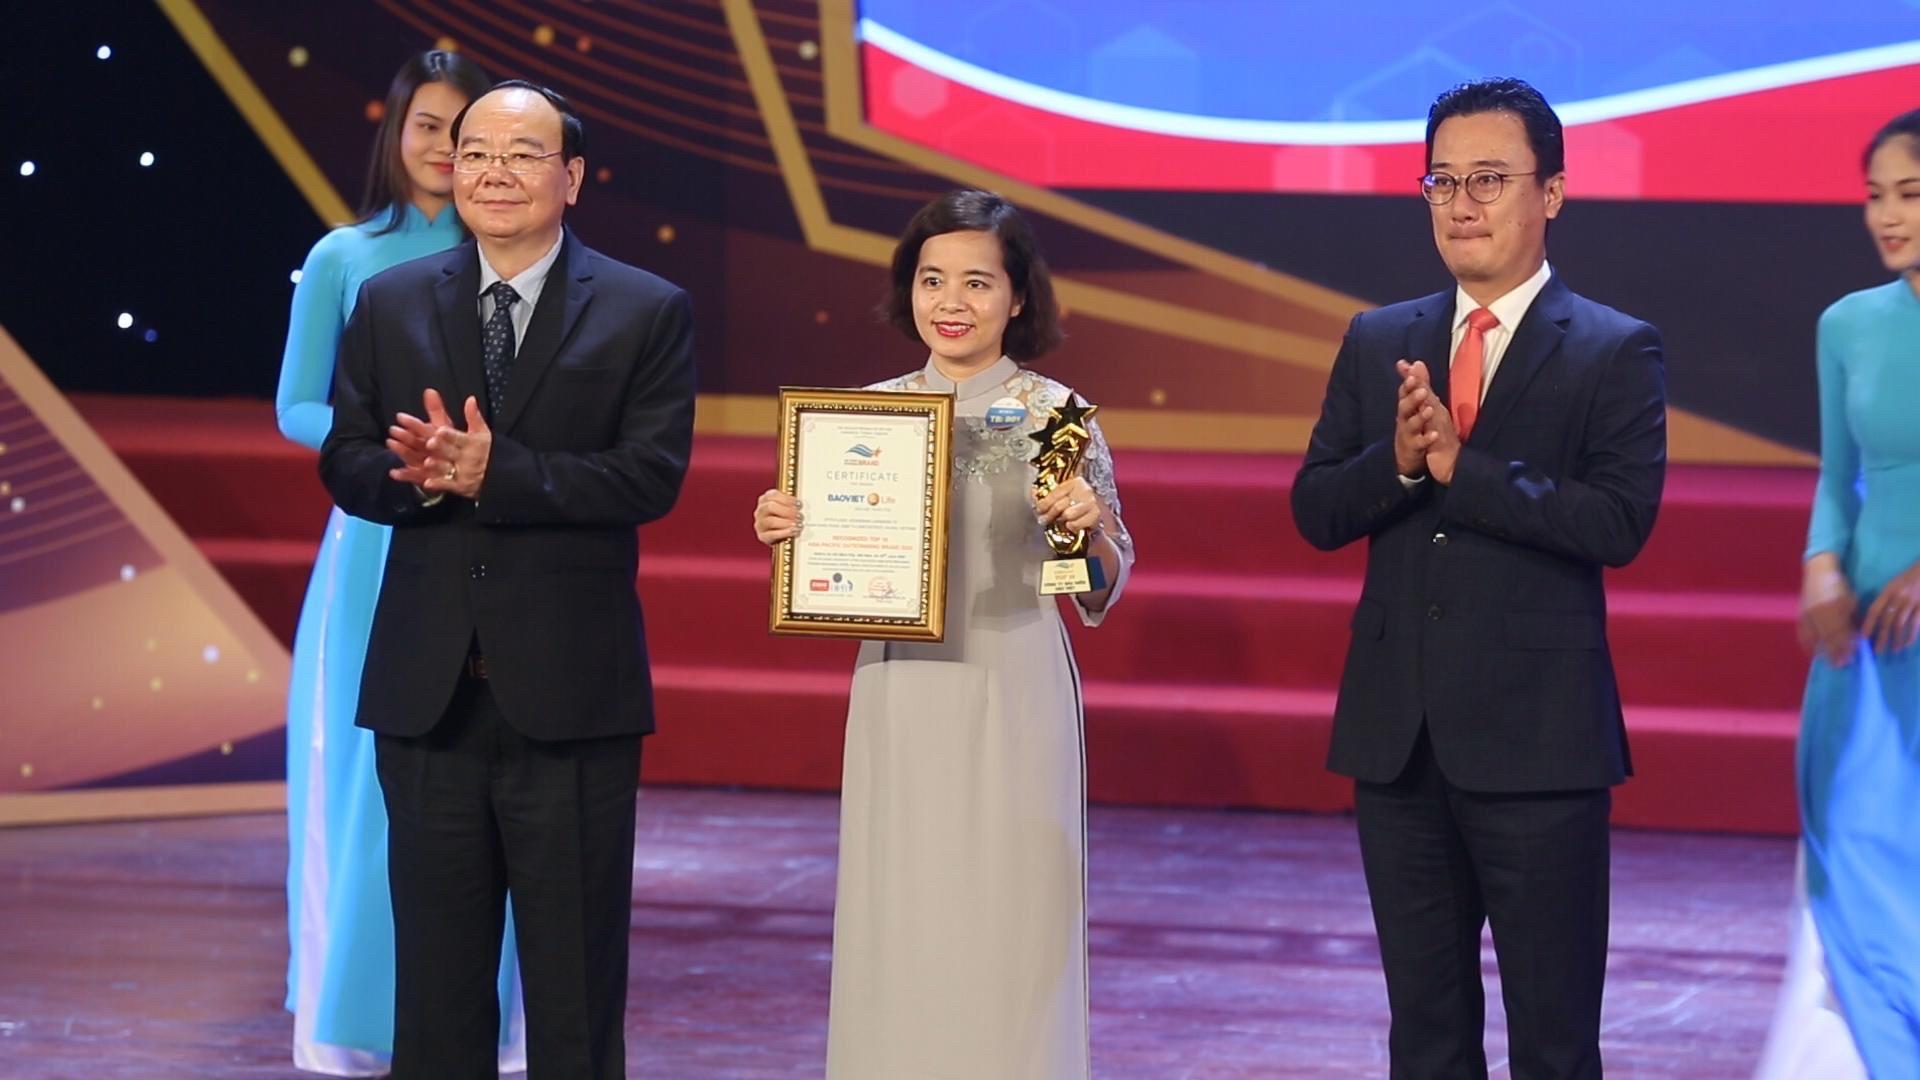 """Bảo Việt Nhân thọ nhận danh hiệu """"Thương hiệu Tiêu biểu Châu Á Thái Bình Dương 2020""""  - Ảnh 1"""